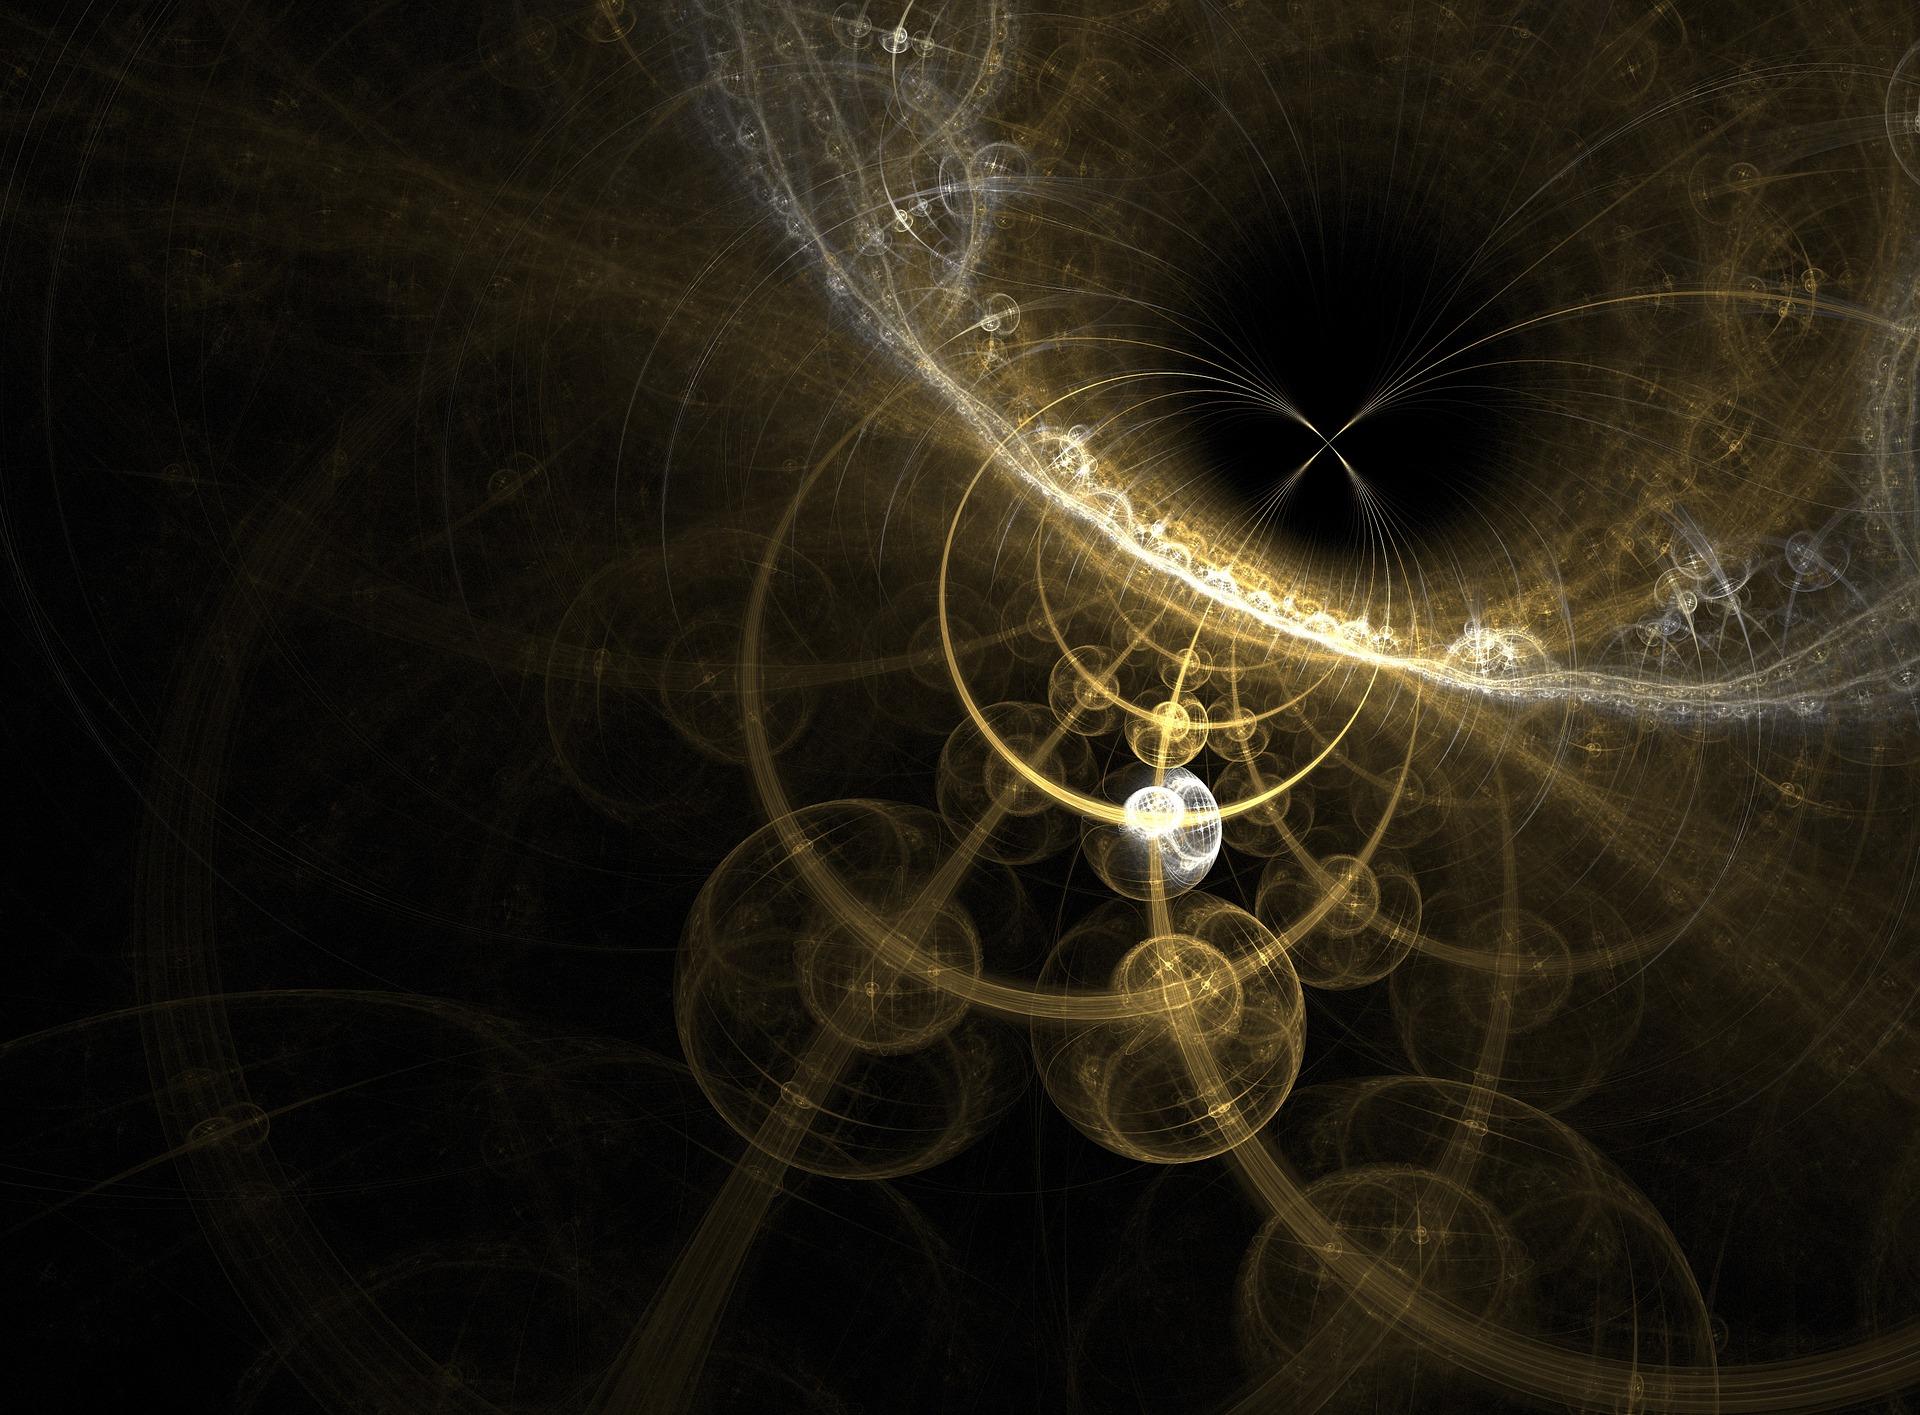 Cerchi concentrici frattali che richiamano il moto delle particelle